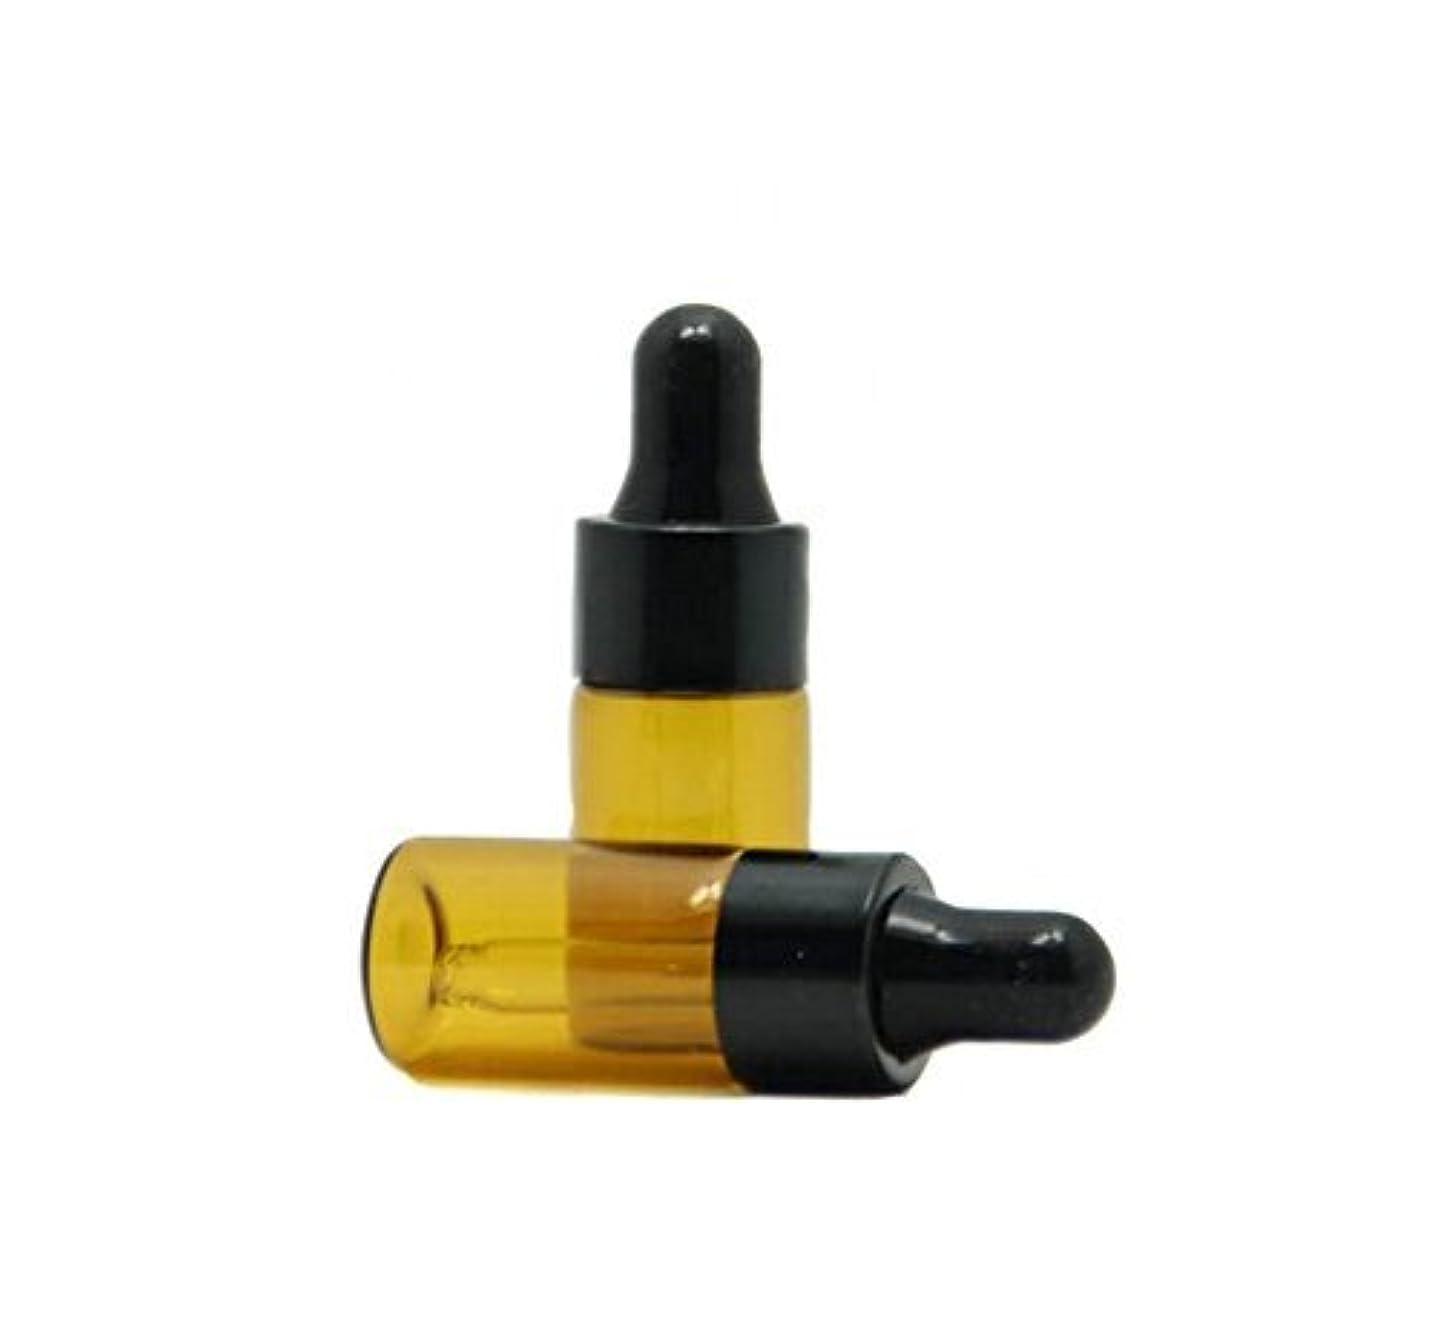 パイプラインぼかし曲げる3ml 15 Pcs Refillable Mini Amber Glass Essential Oil Bottles Dropper Bottles Vials With Eyed Dropper For Aromatherapy Eye Dropper Cosmetics (black cap) [並行輸入品]